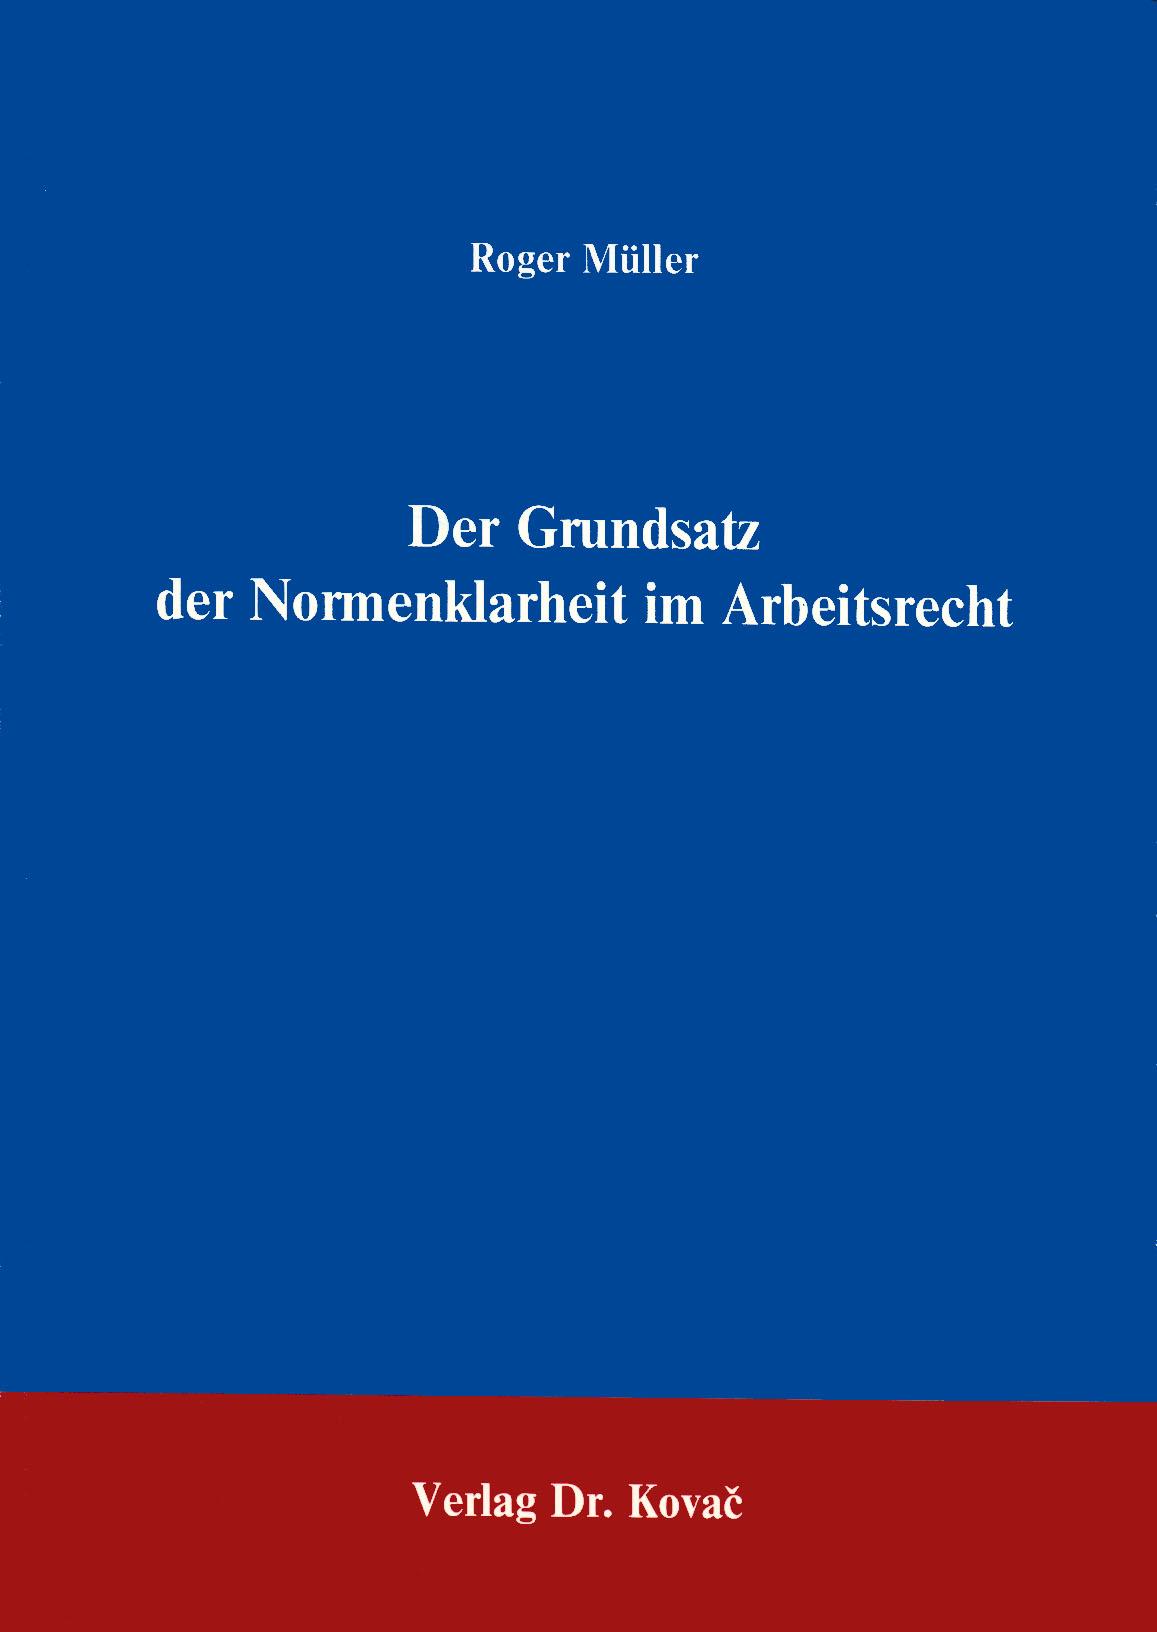 Cover: Der Grundsatz der Normenklarheit im Arbeitsrecht